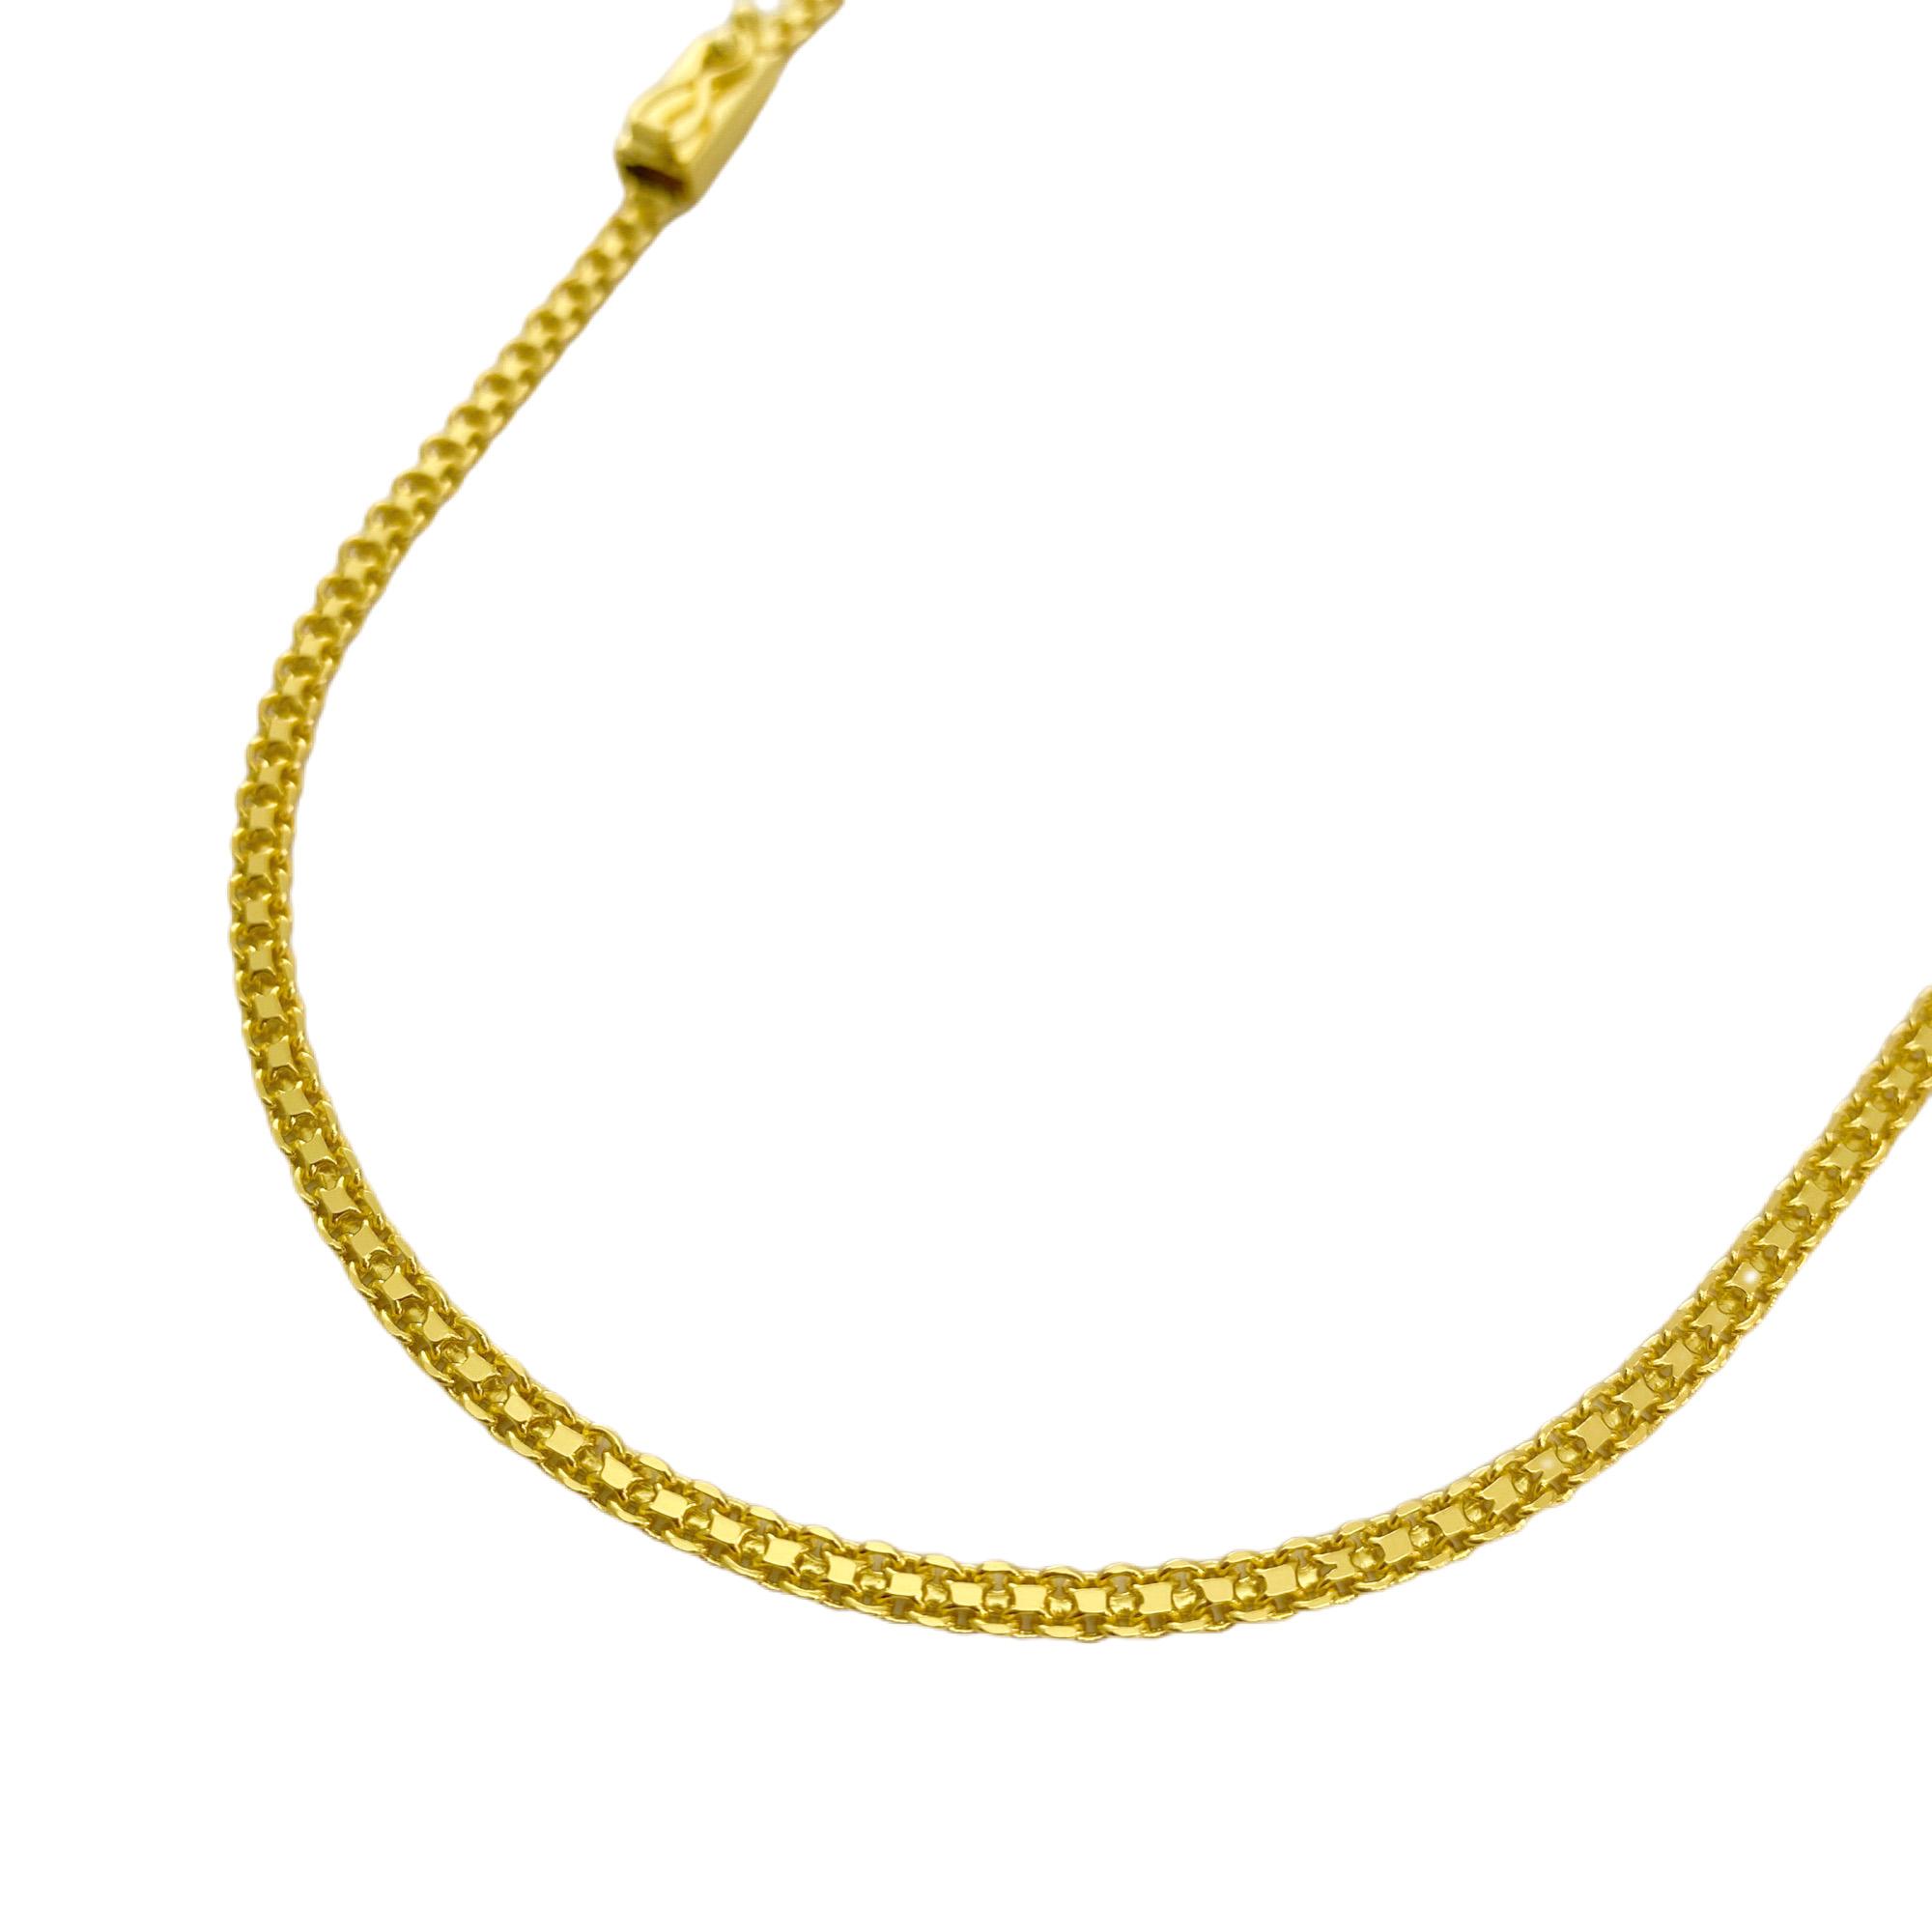 Corrente Cadeado Duplo 2,8mm 70cm (10g) (Fecho Gaveta) (Banho Ouro 24K)